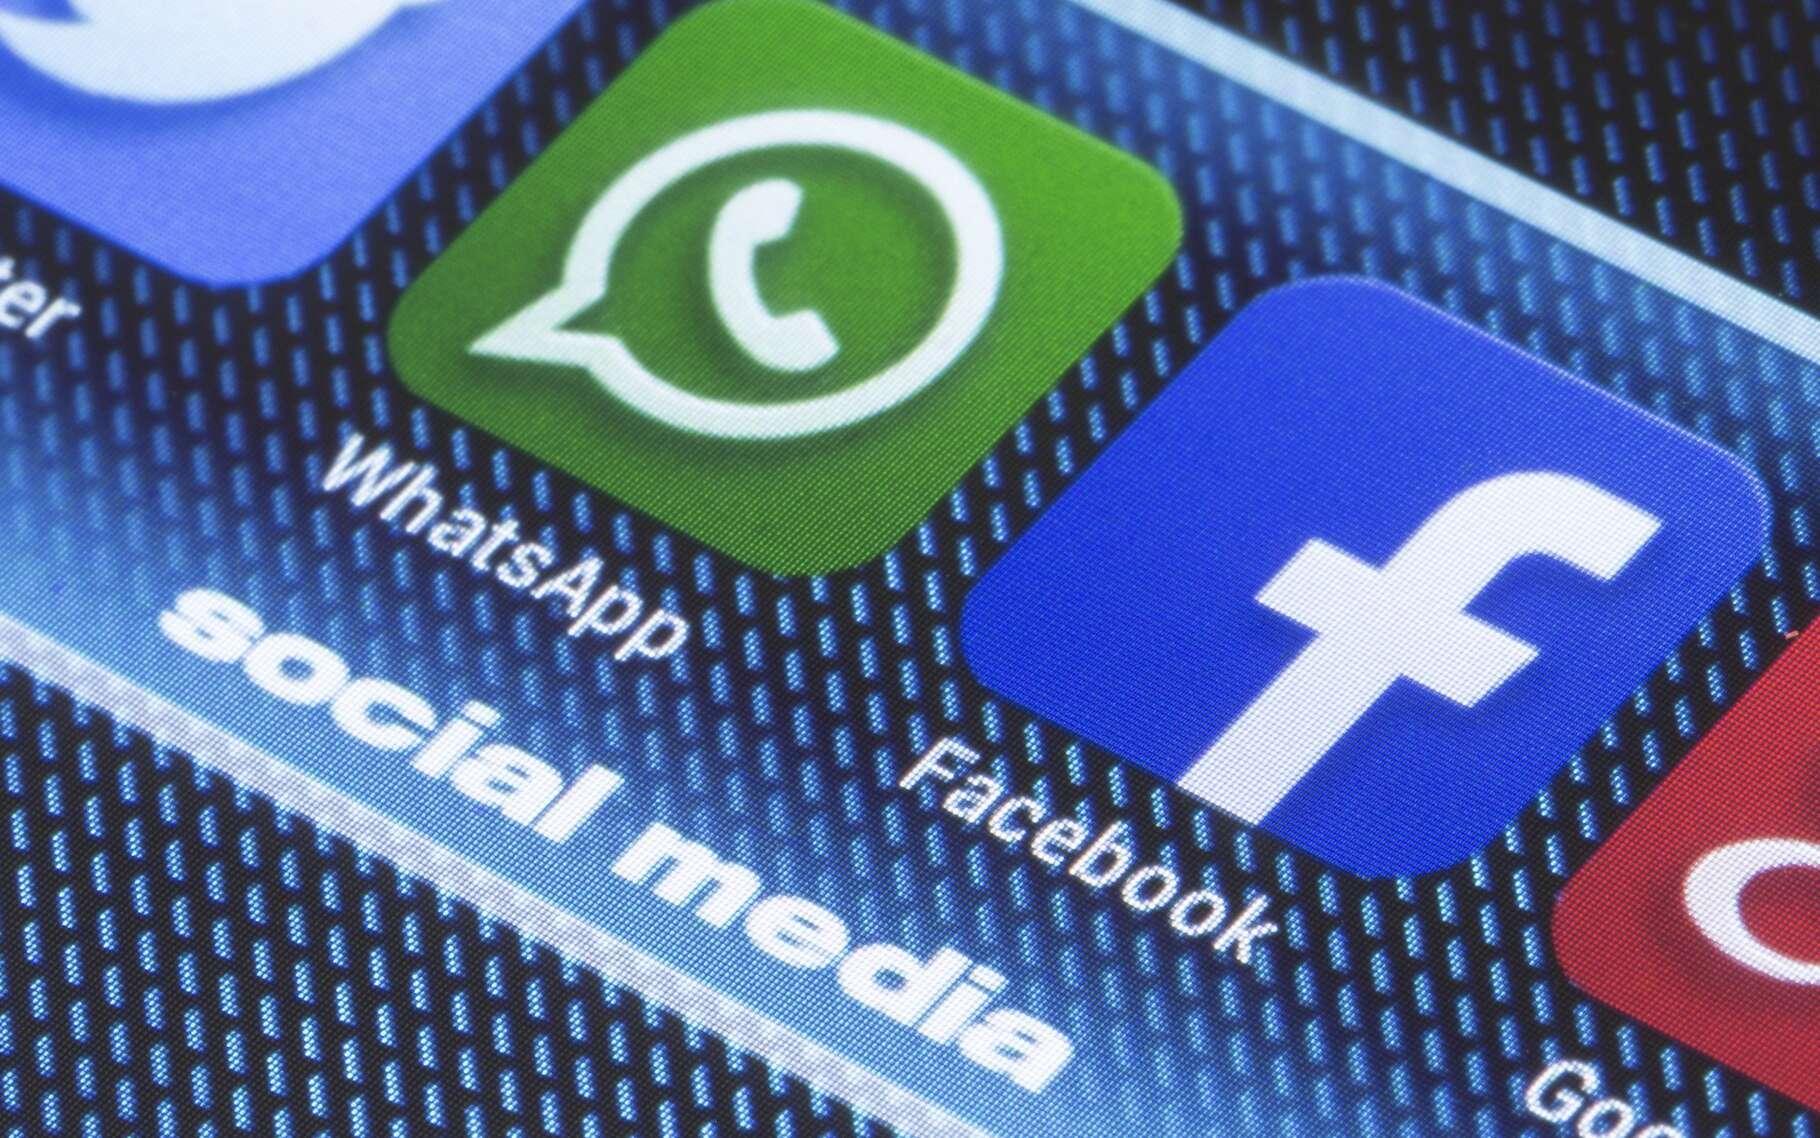 Facebook a décidé de faire fructifier son acquisition de WhatsApp en créant des passerelles commerciales entre les deux services. © Quka, Shutterstock